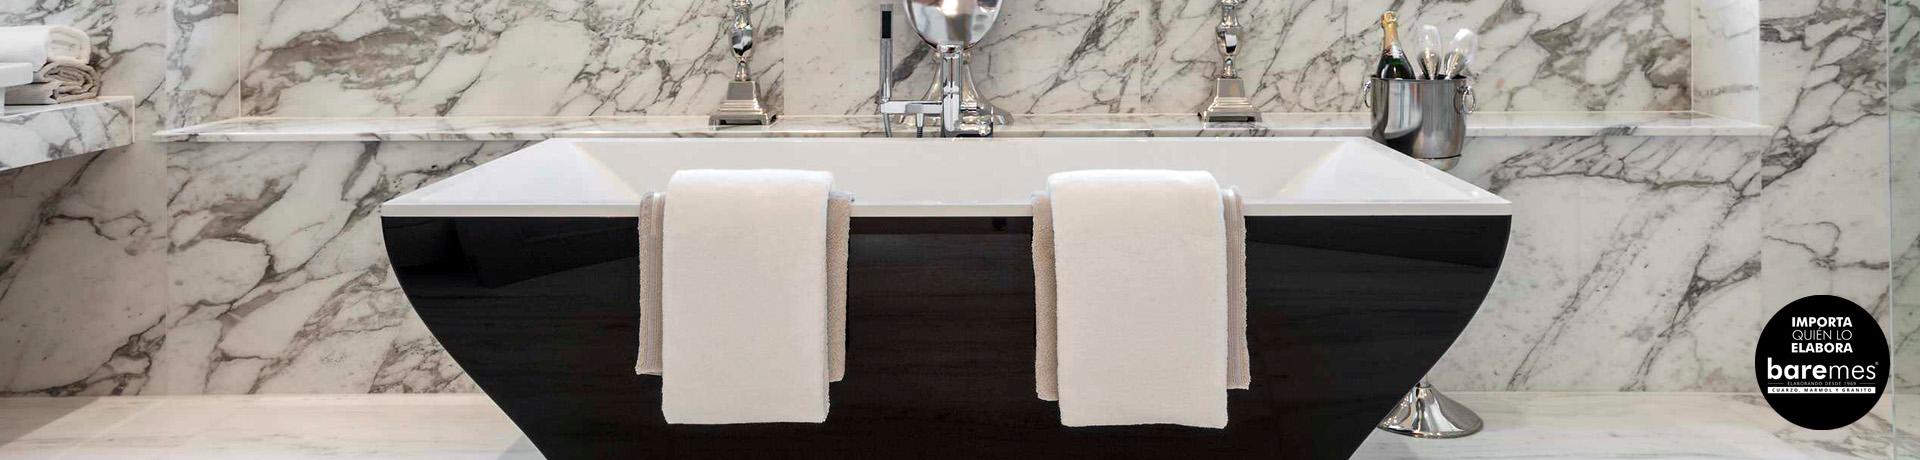 Marmol mesadas para ba o precio por m2 marmol baremes - Marmol precio m2 ...